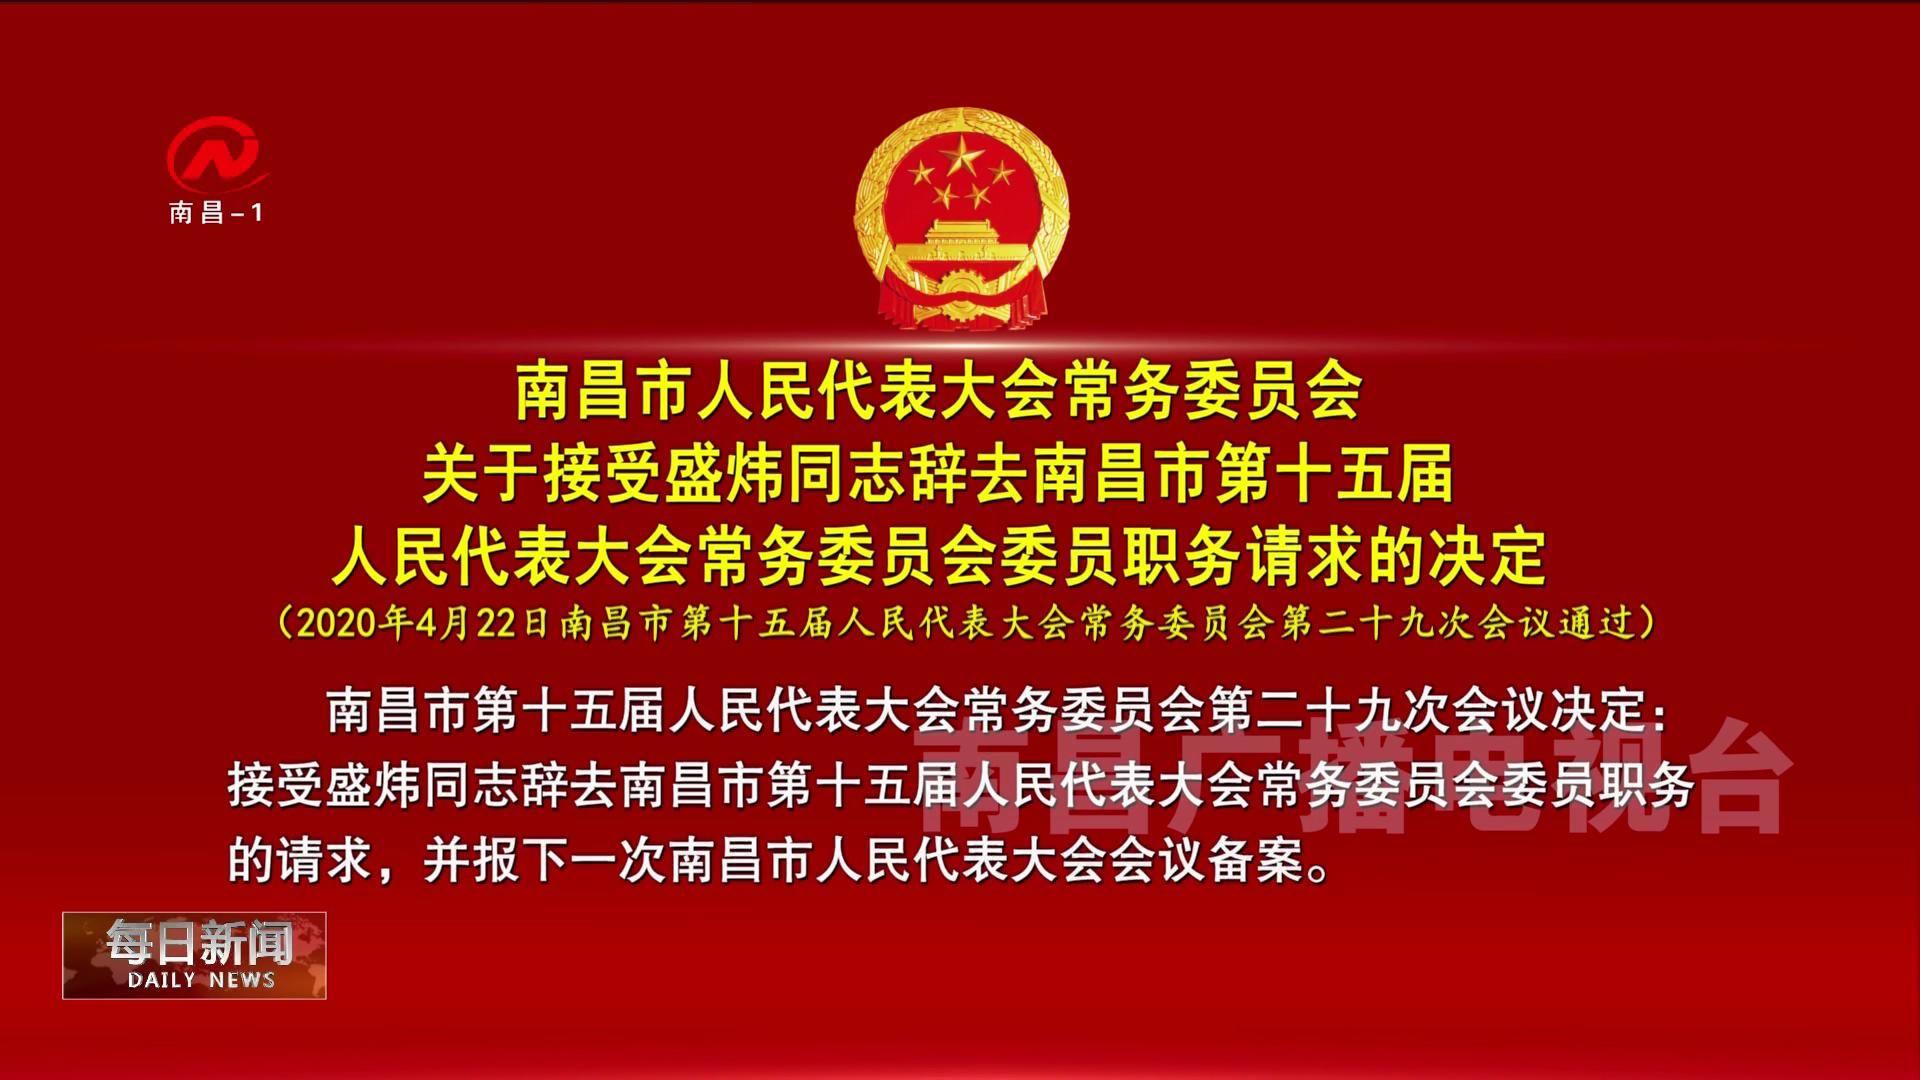 南昌市人民代表大会常务委员会关于接受盛炜同志辞去南昌市第十五届人民代表大会常务委员会委员职务请求的决定